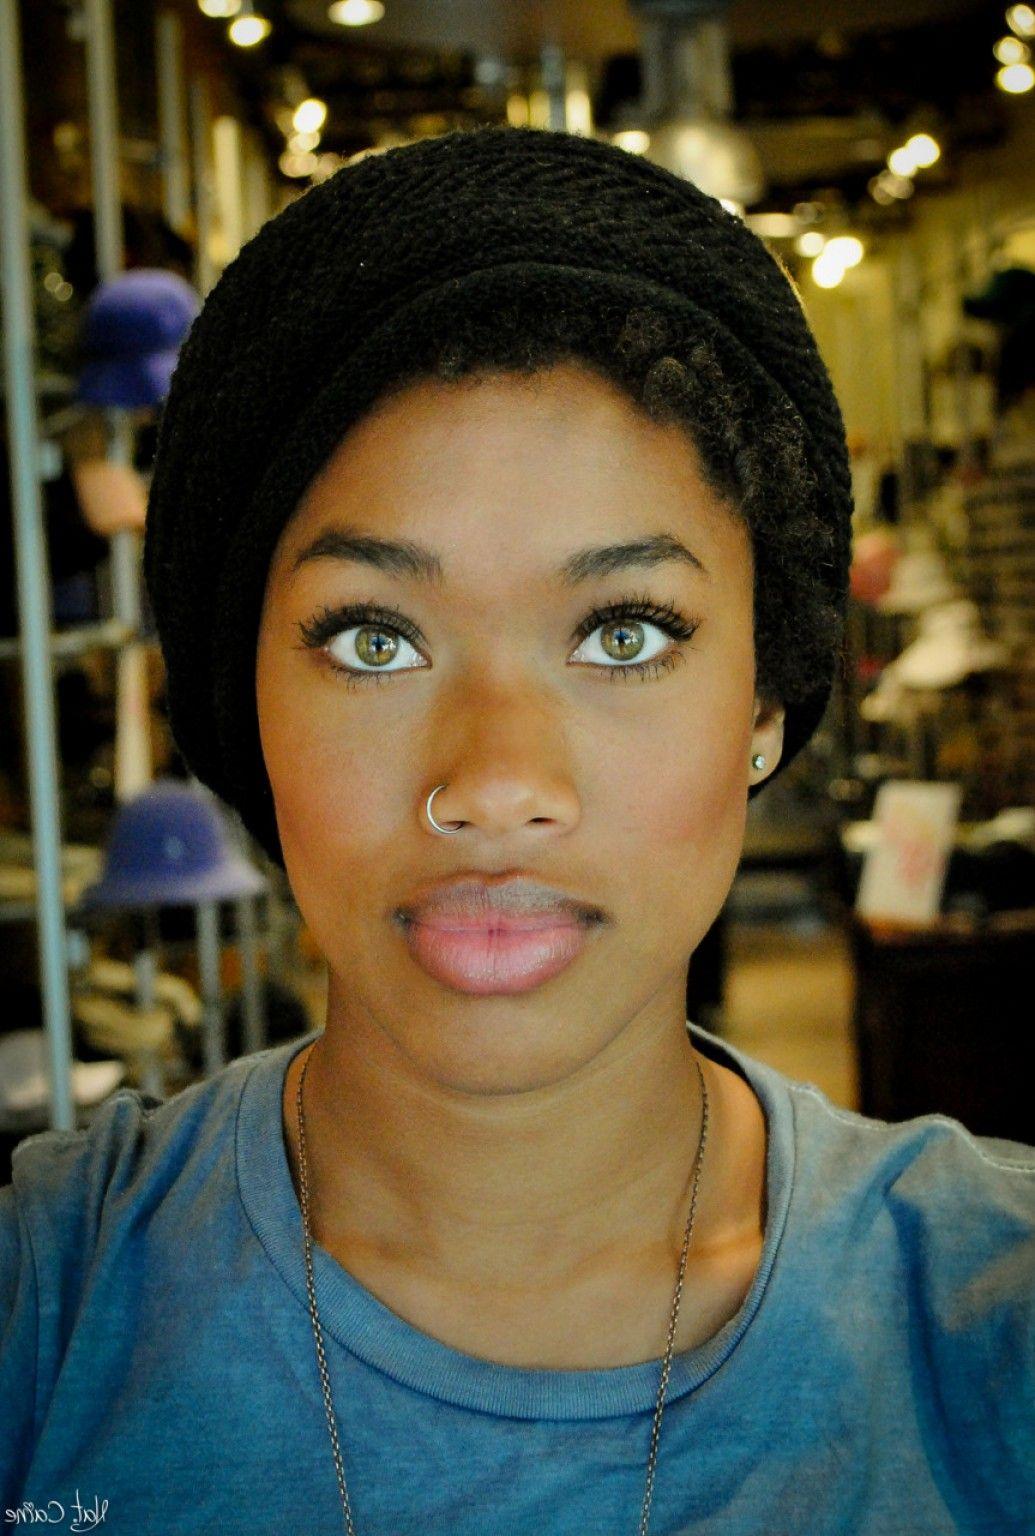 Nose piercing black girl  Image result for nose ring on black women  beauty  Pinterest